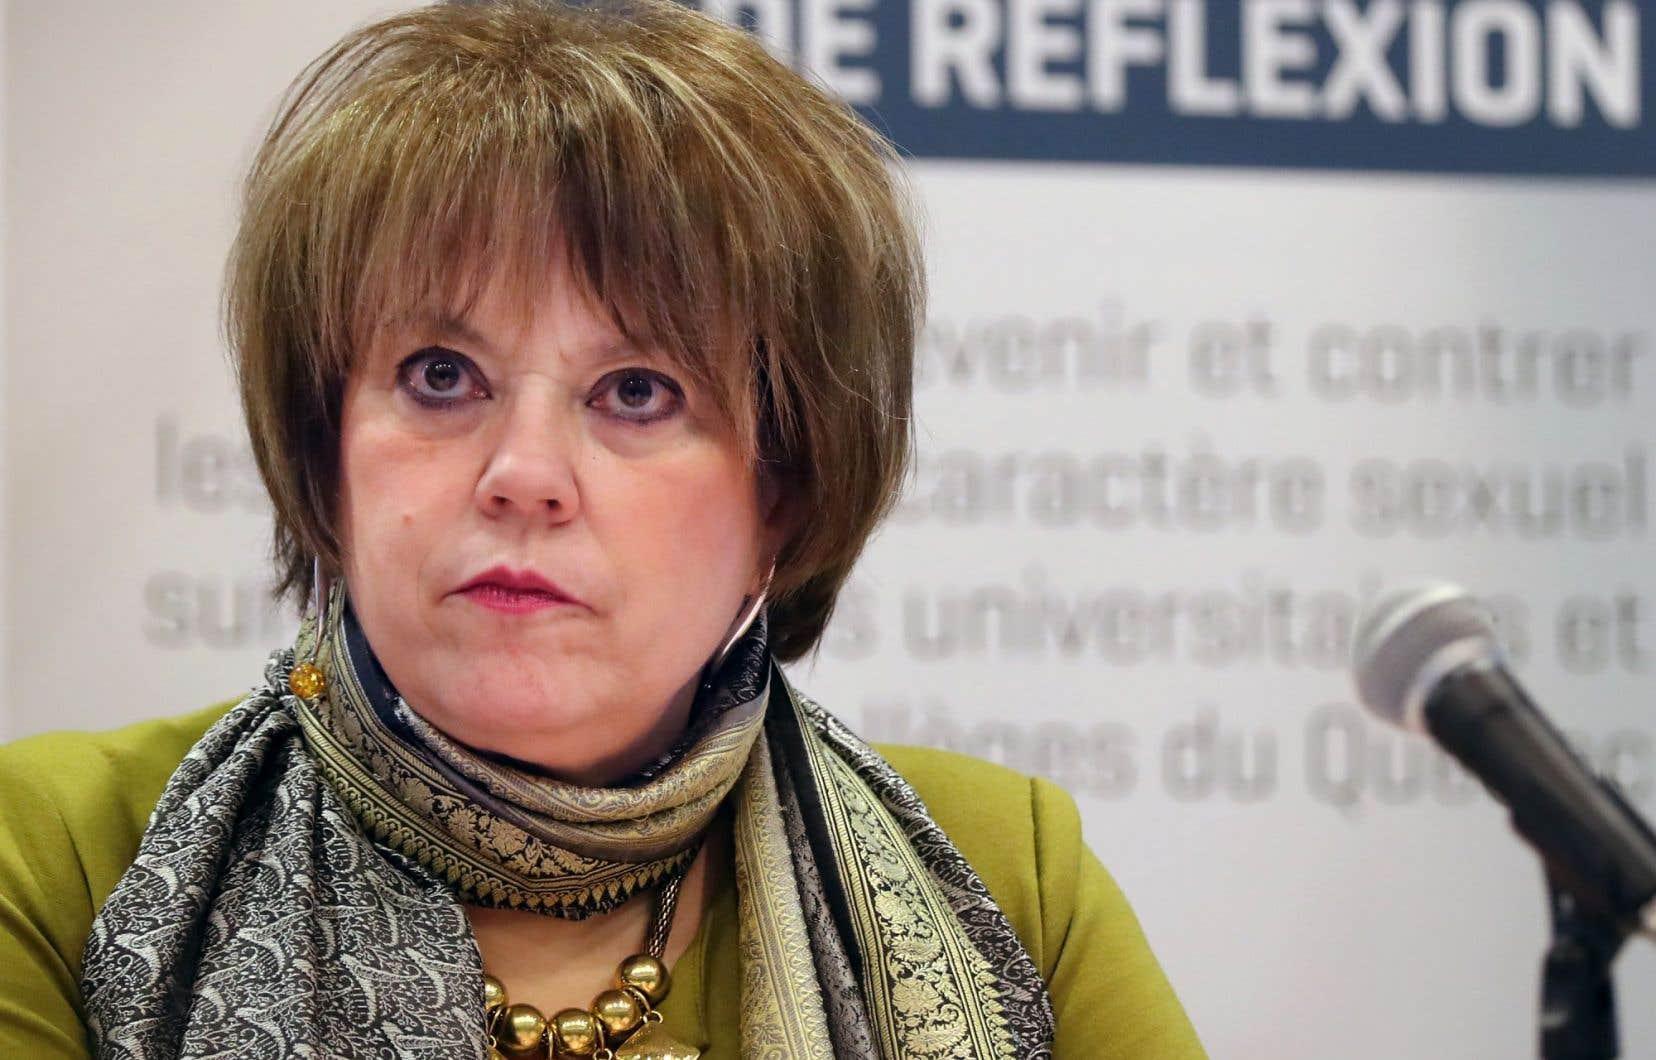 Hélène David, ministre de l'Enseignement supérieur, a dévoilé lundi sa stratégie en matière de prévention des violences sexuelles dans les cégeps et les universités.